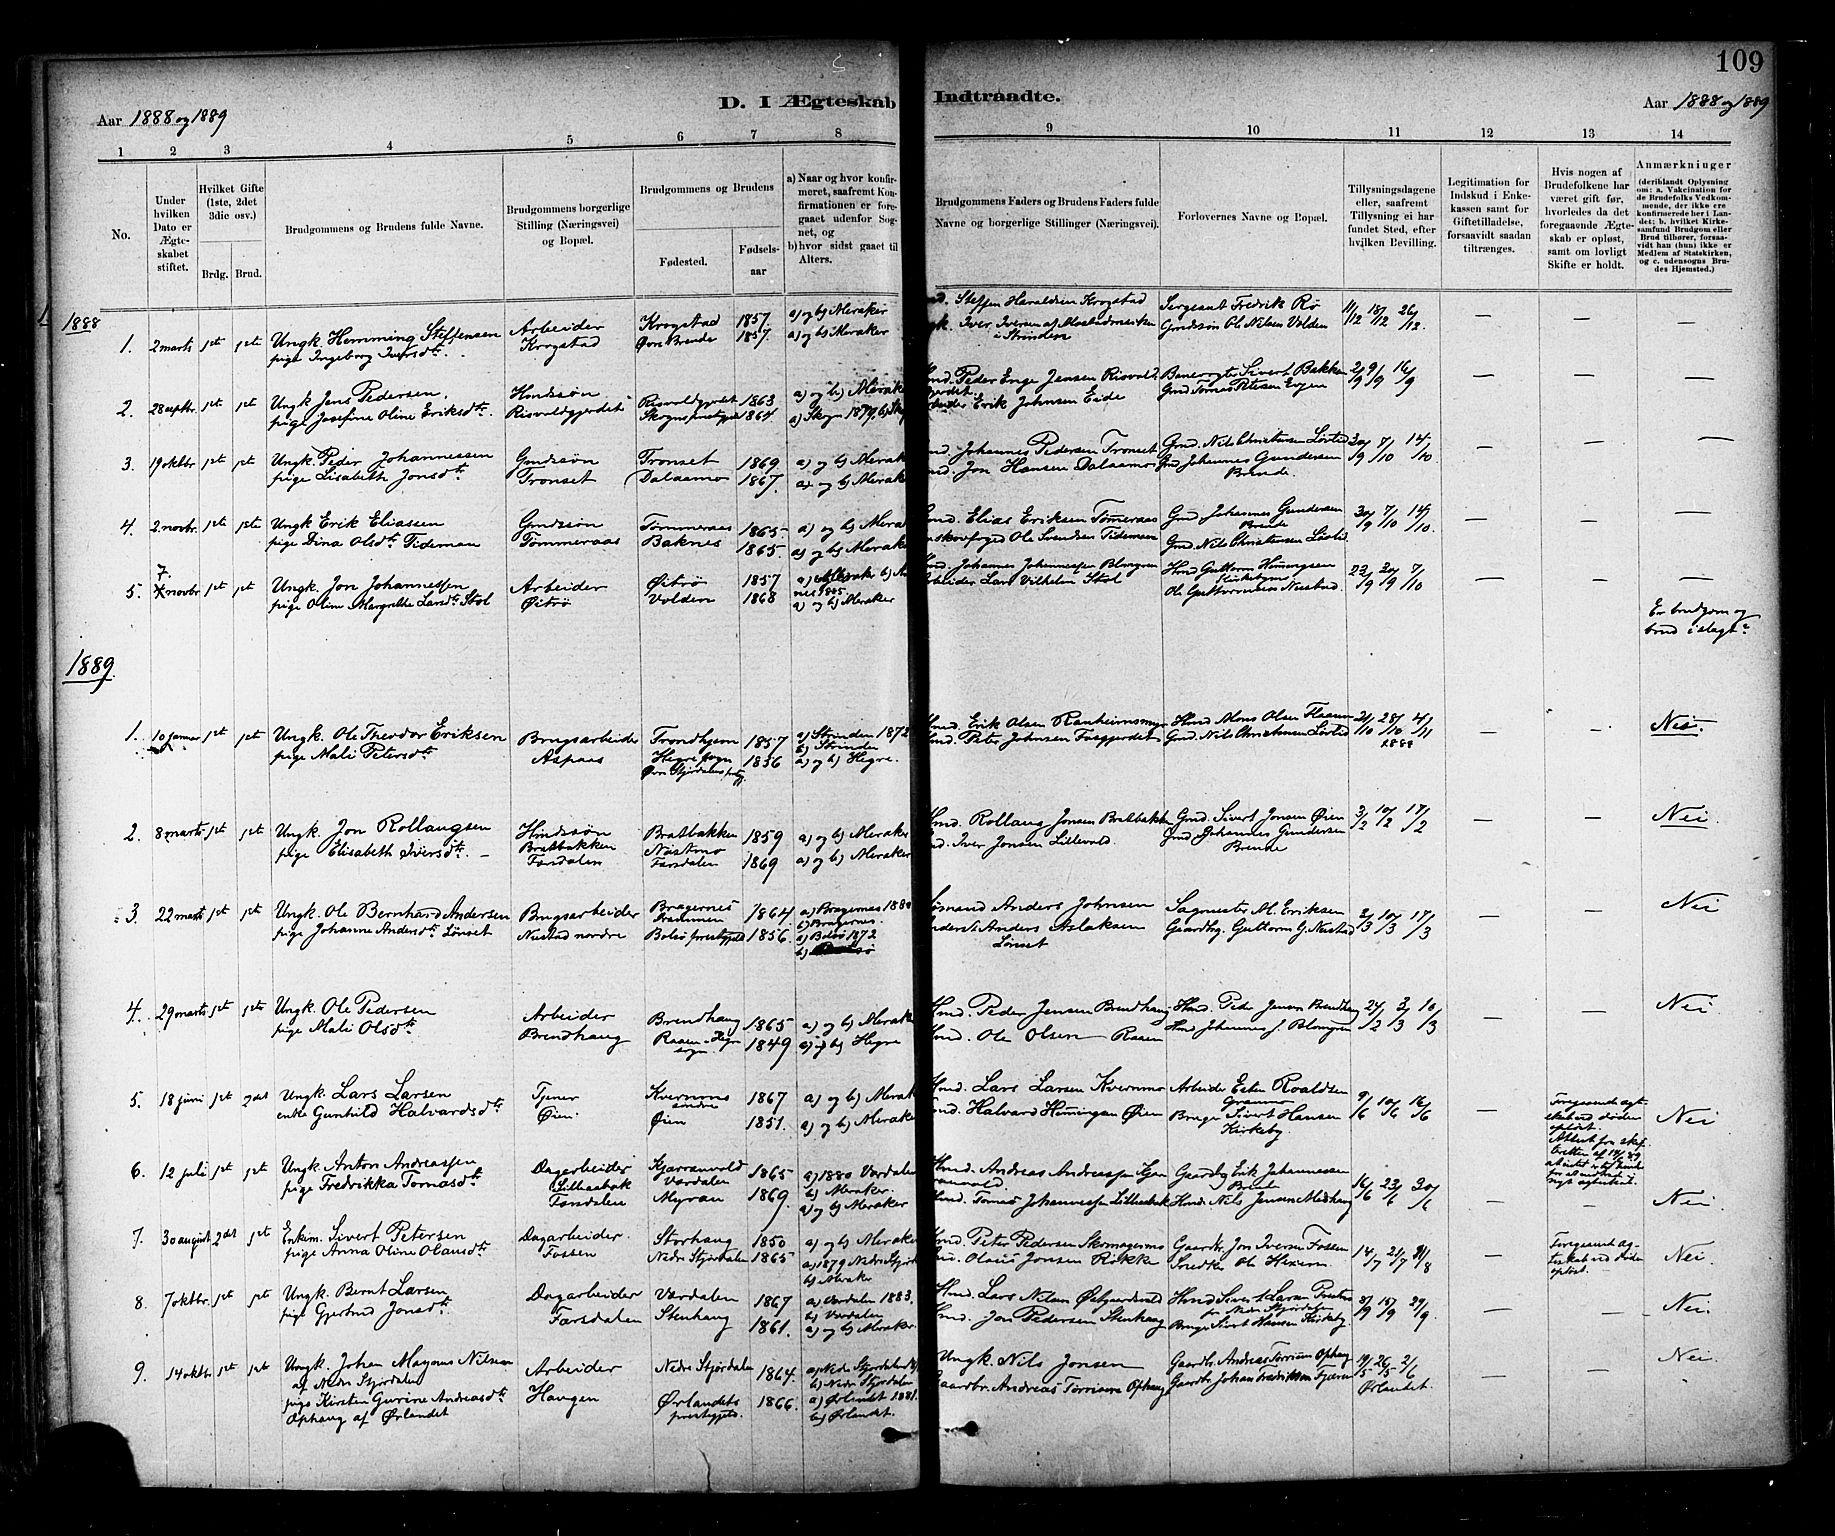 SAT, Ministerialprotokoller, klokkerbøker og fødselsregistre - Nord-Trøndelag, 706/L0047: Parish register (official) no. 706A03, 1878-1892, p. 109